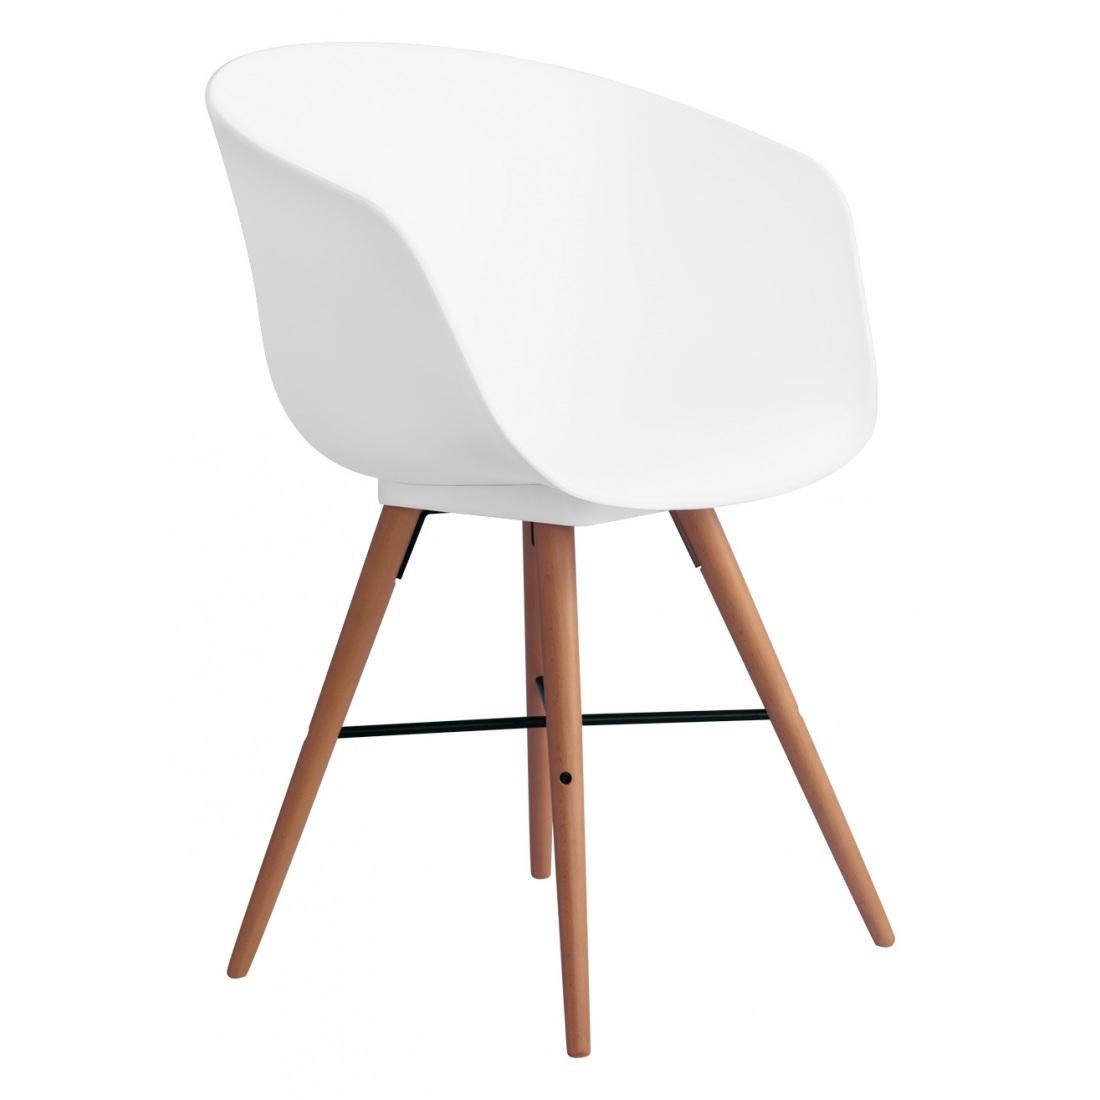 Superb Esszimmerstuhl Weiss #13: Esszimmerstuhl Weiß Stuhl Stühle Küchenstühle Essgruppe